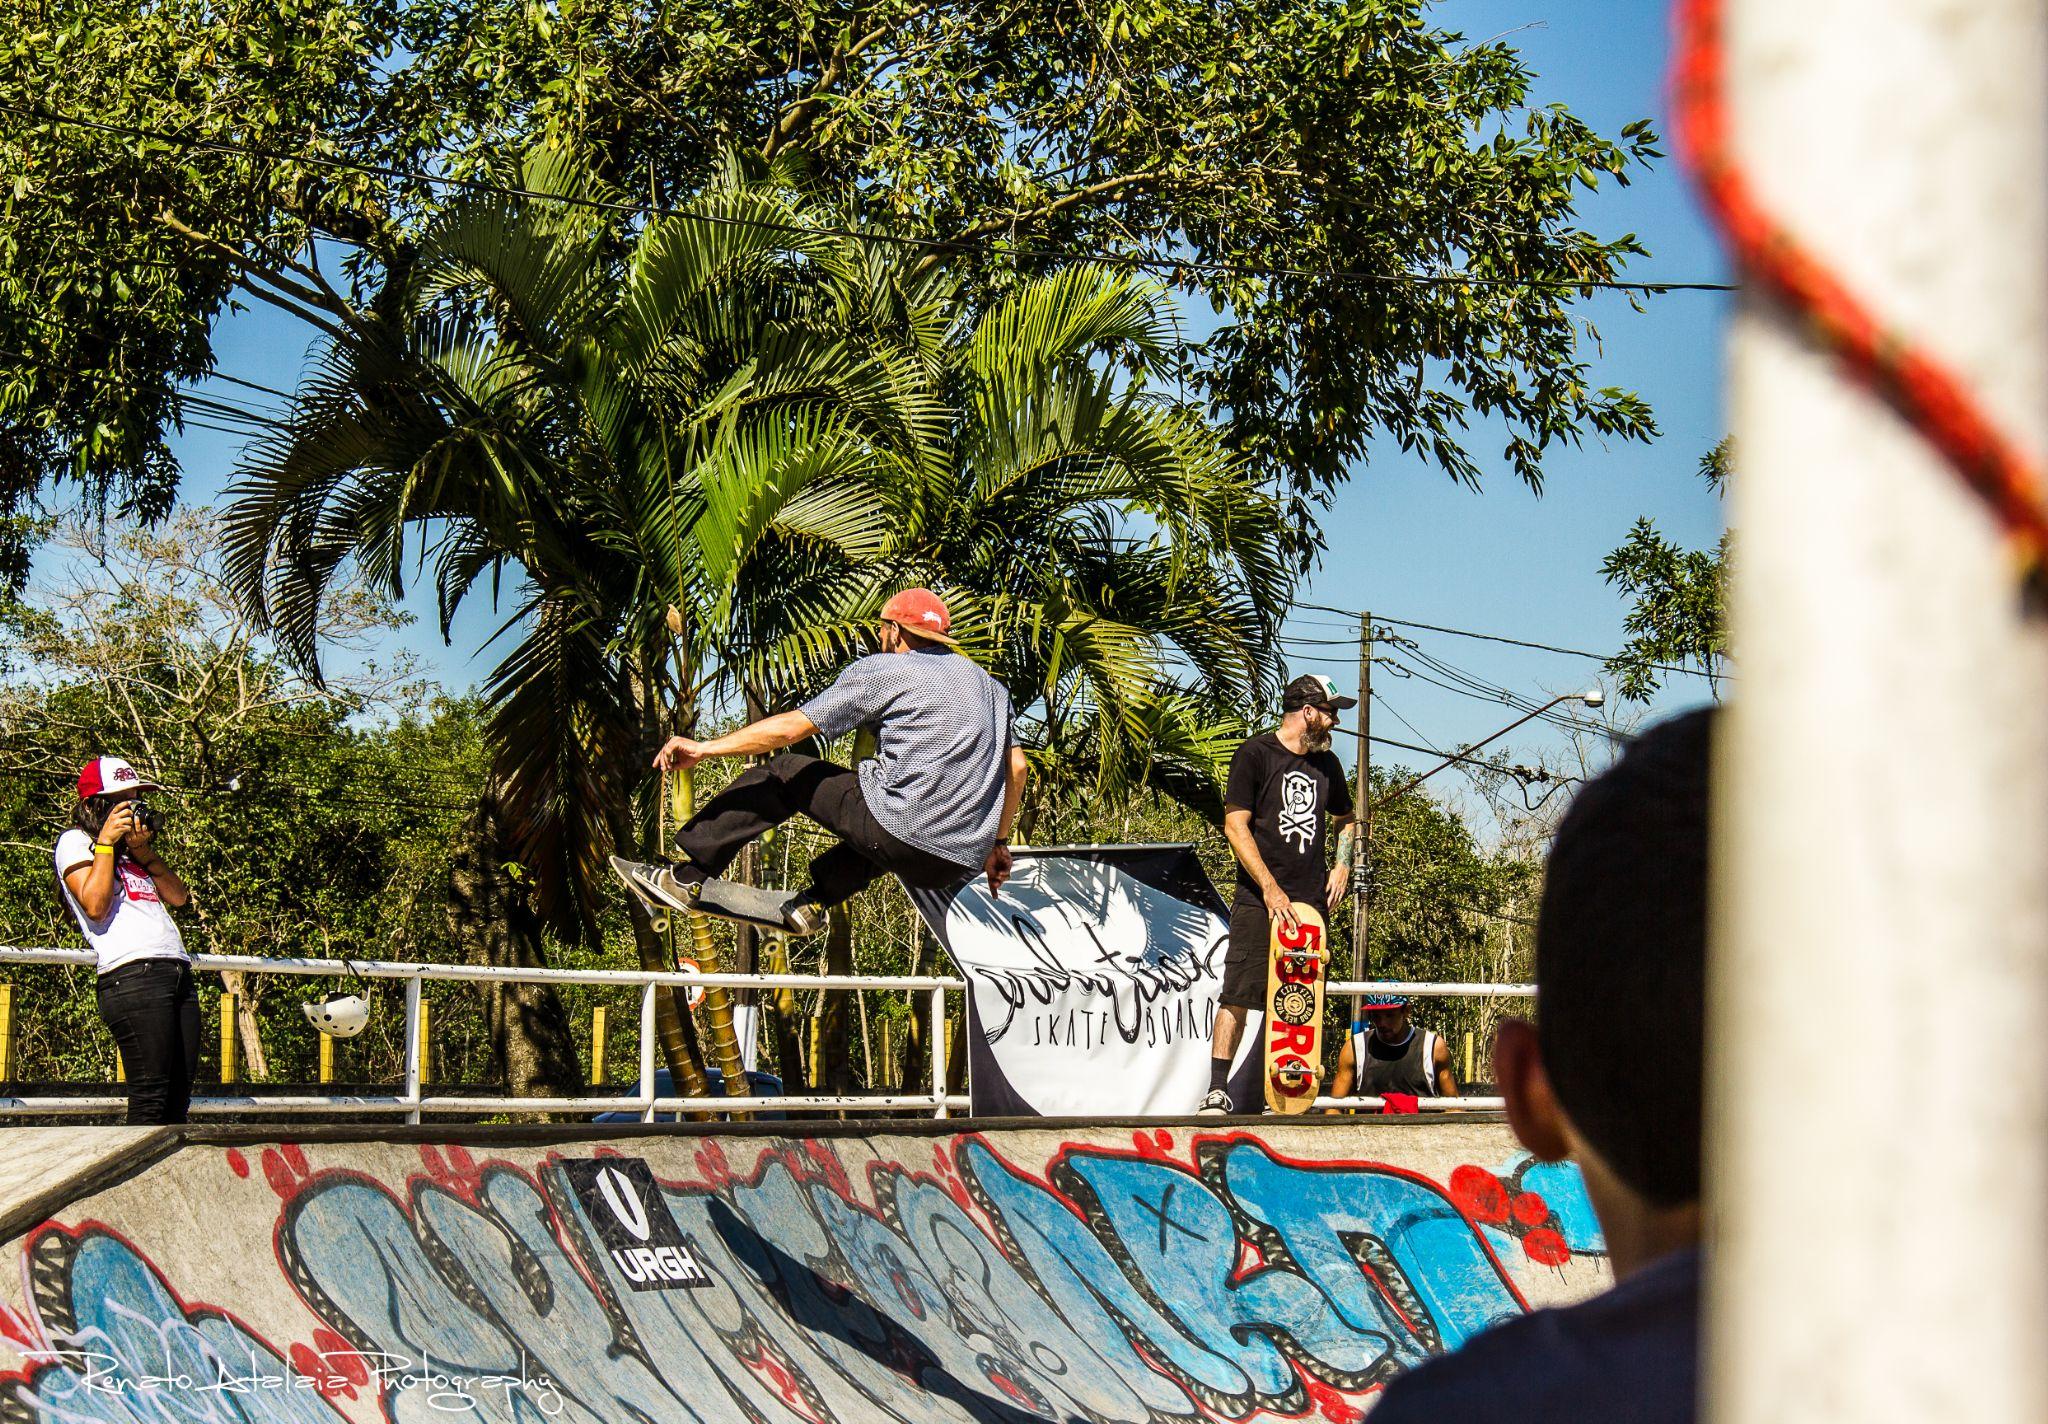 skatebording my life!!! by renatoatalaia